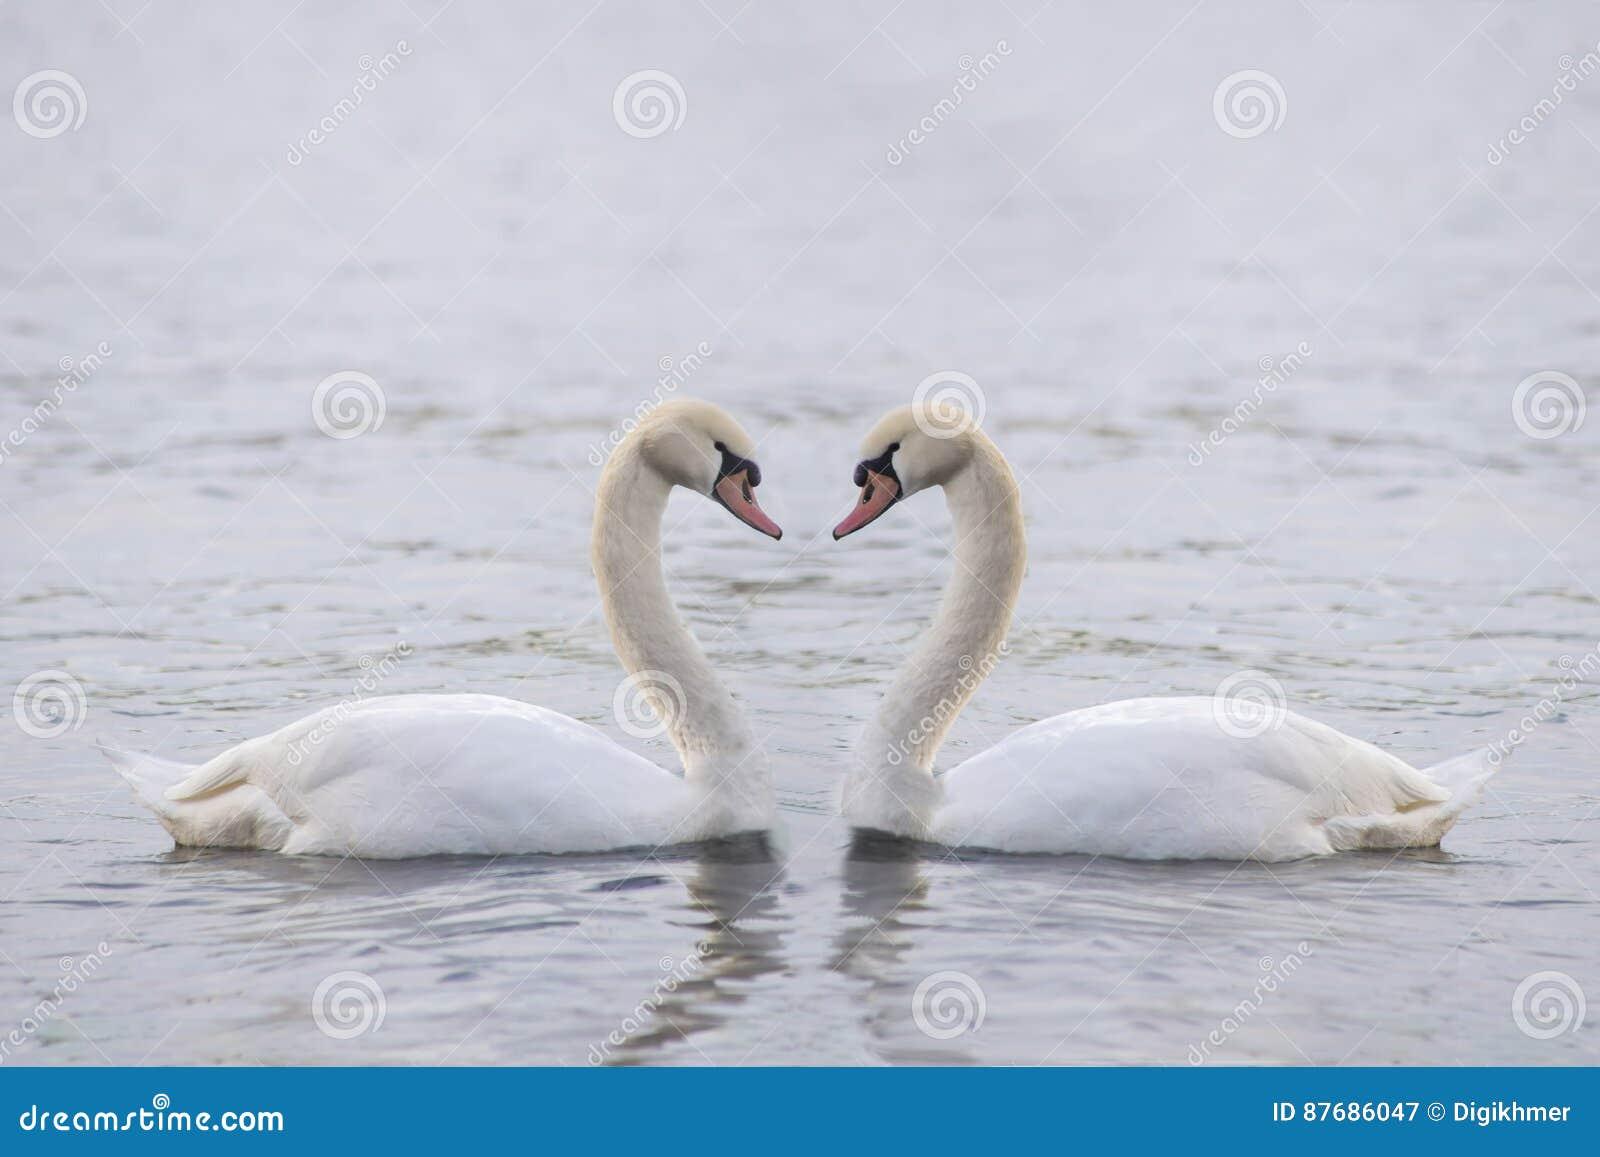 Grote witte zwaan twee op het water